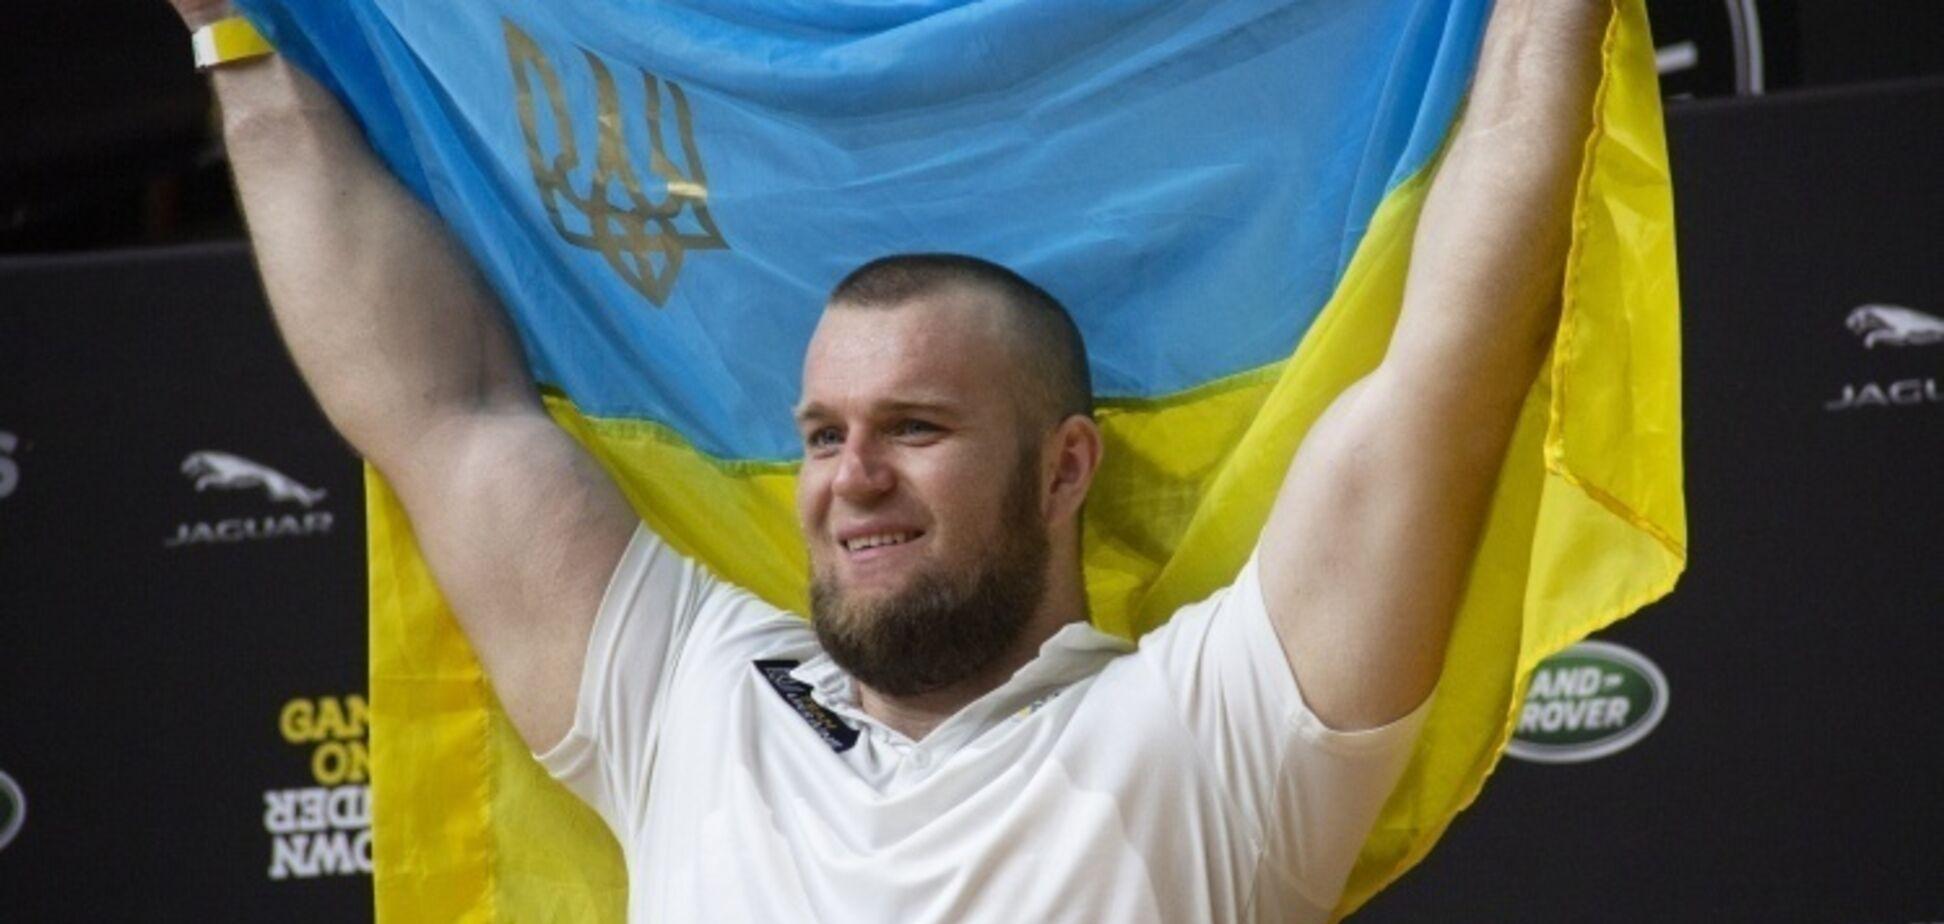 ''Катался пьяный на катере'': в скандале с украинцем на ''Играх непокоренных'' всплыли новые факты